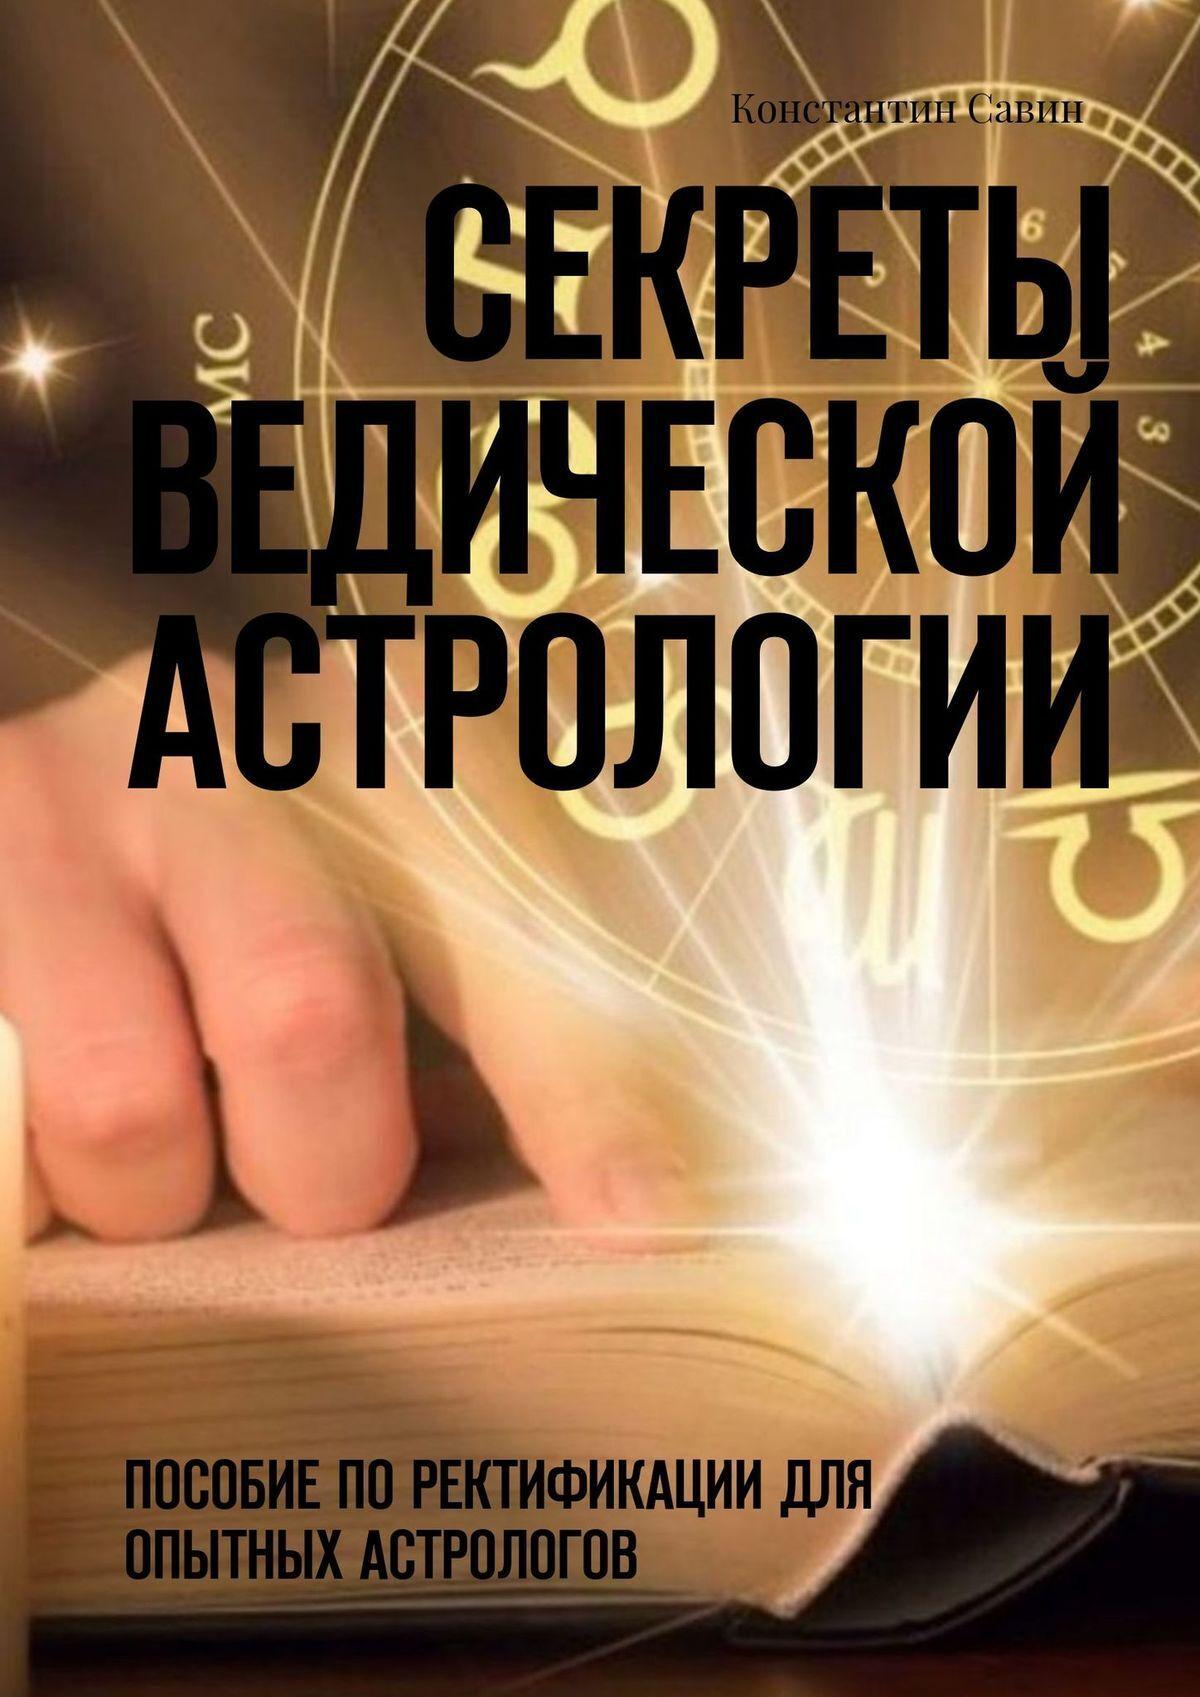 Купить книгу Секреты ведической астрологии. Пособие поректификации для опытных астрологов, автора Константина Савина